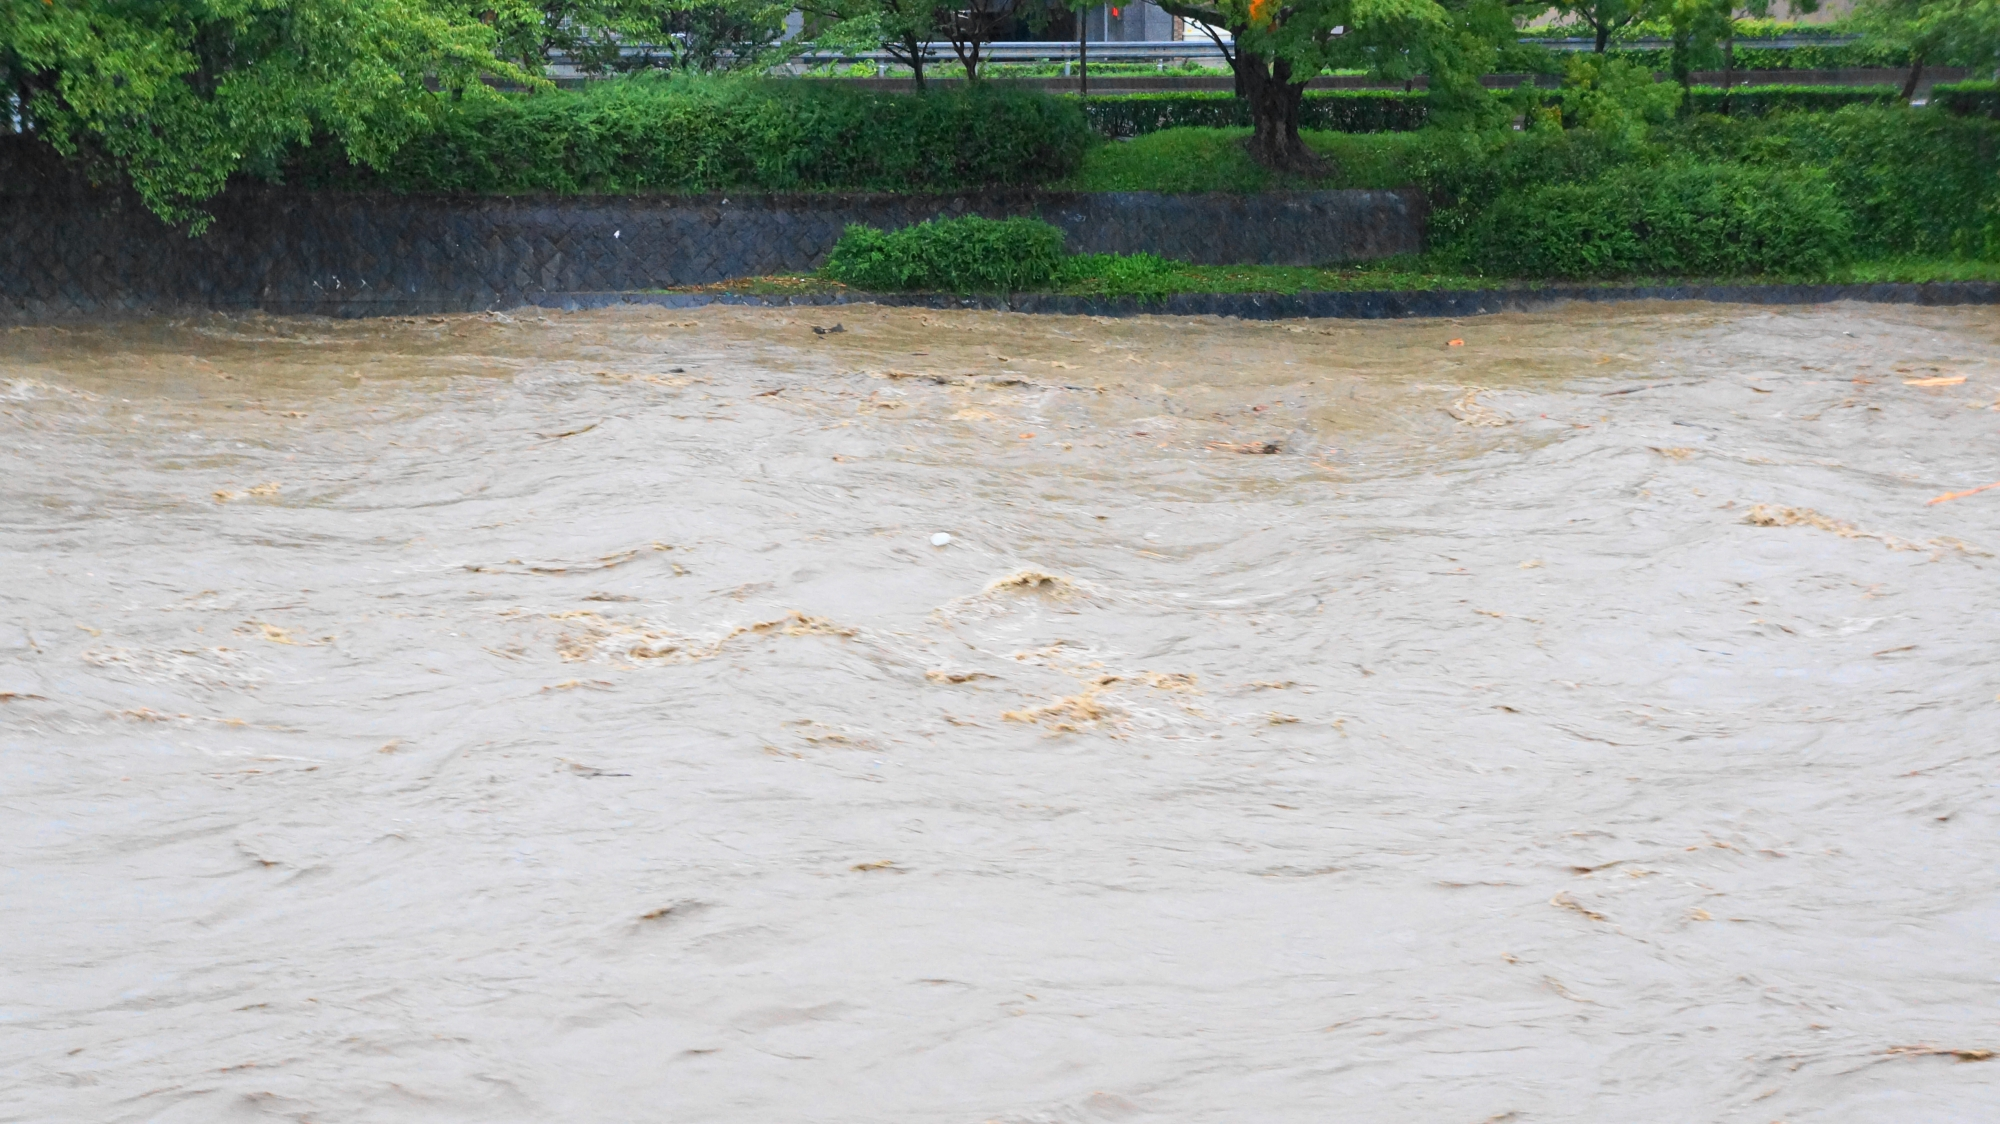 水位がギリギリのところまで来て今にも氾濫しそうな鴨川